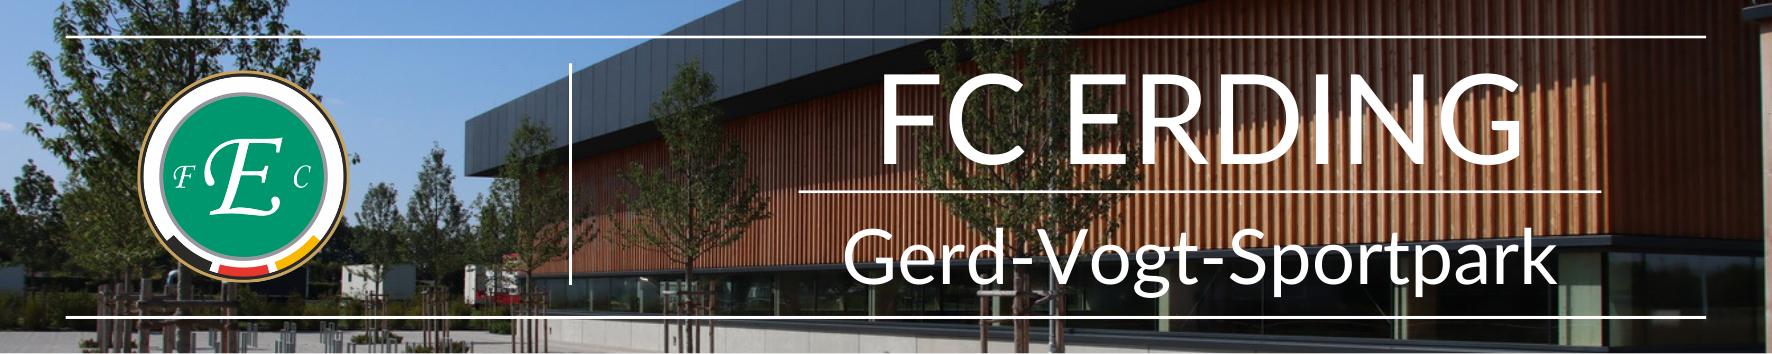 Gerd-Vogt-Sportpark FC Erding